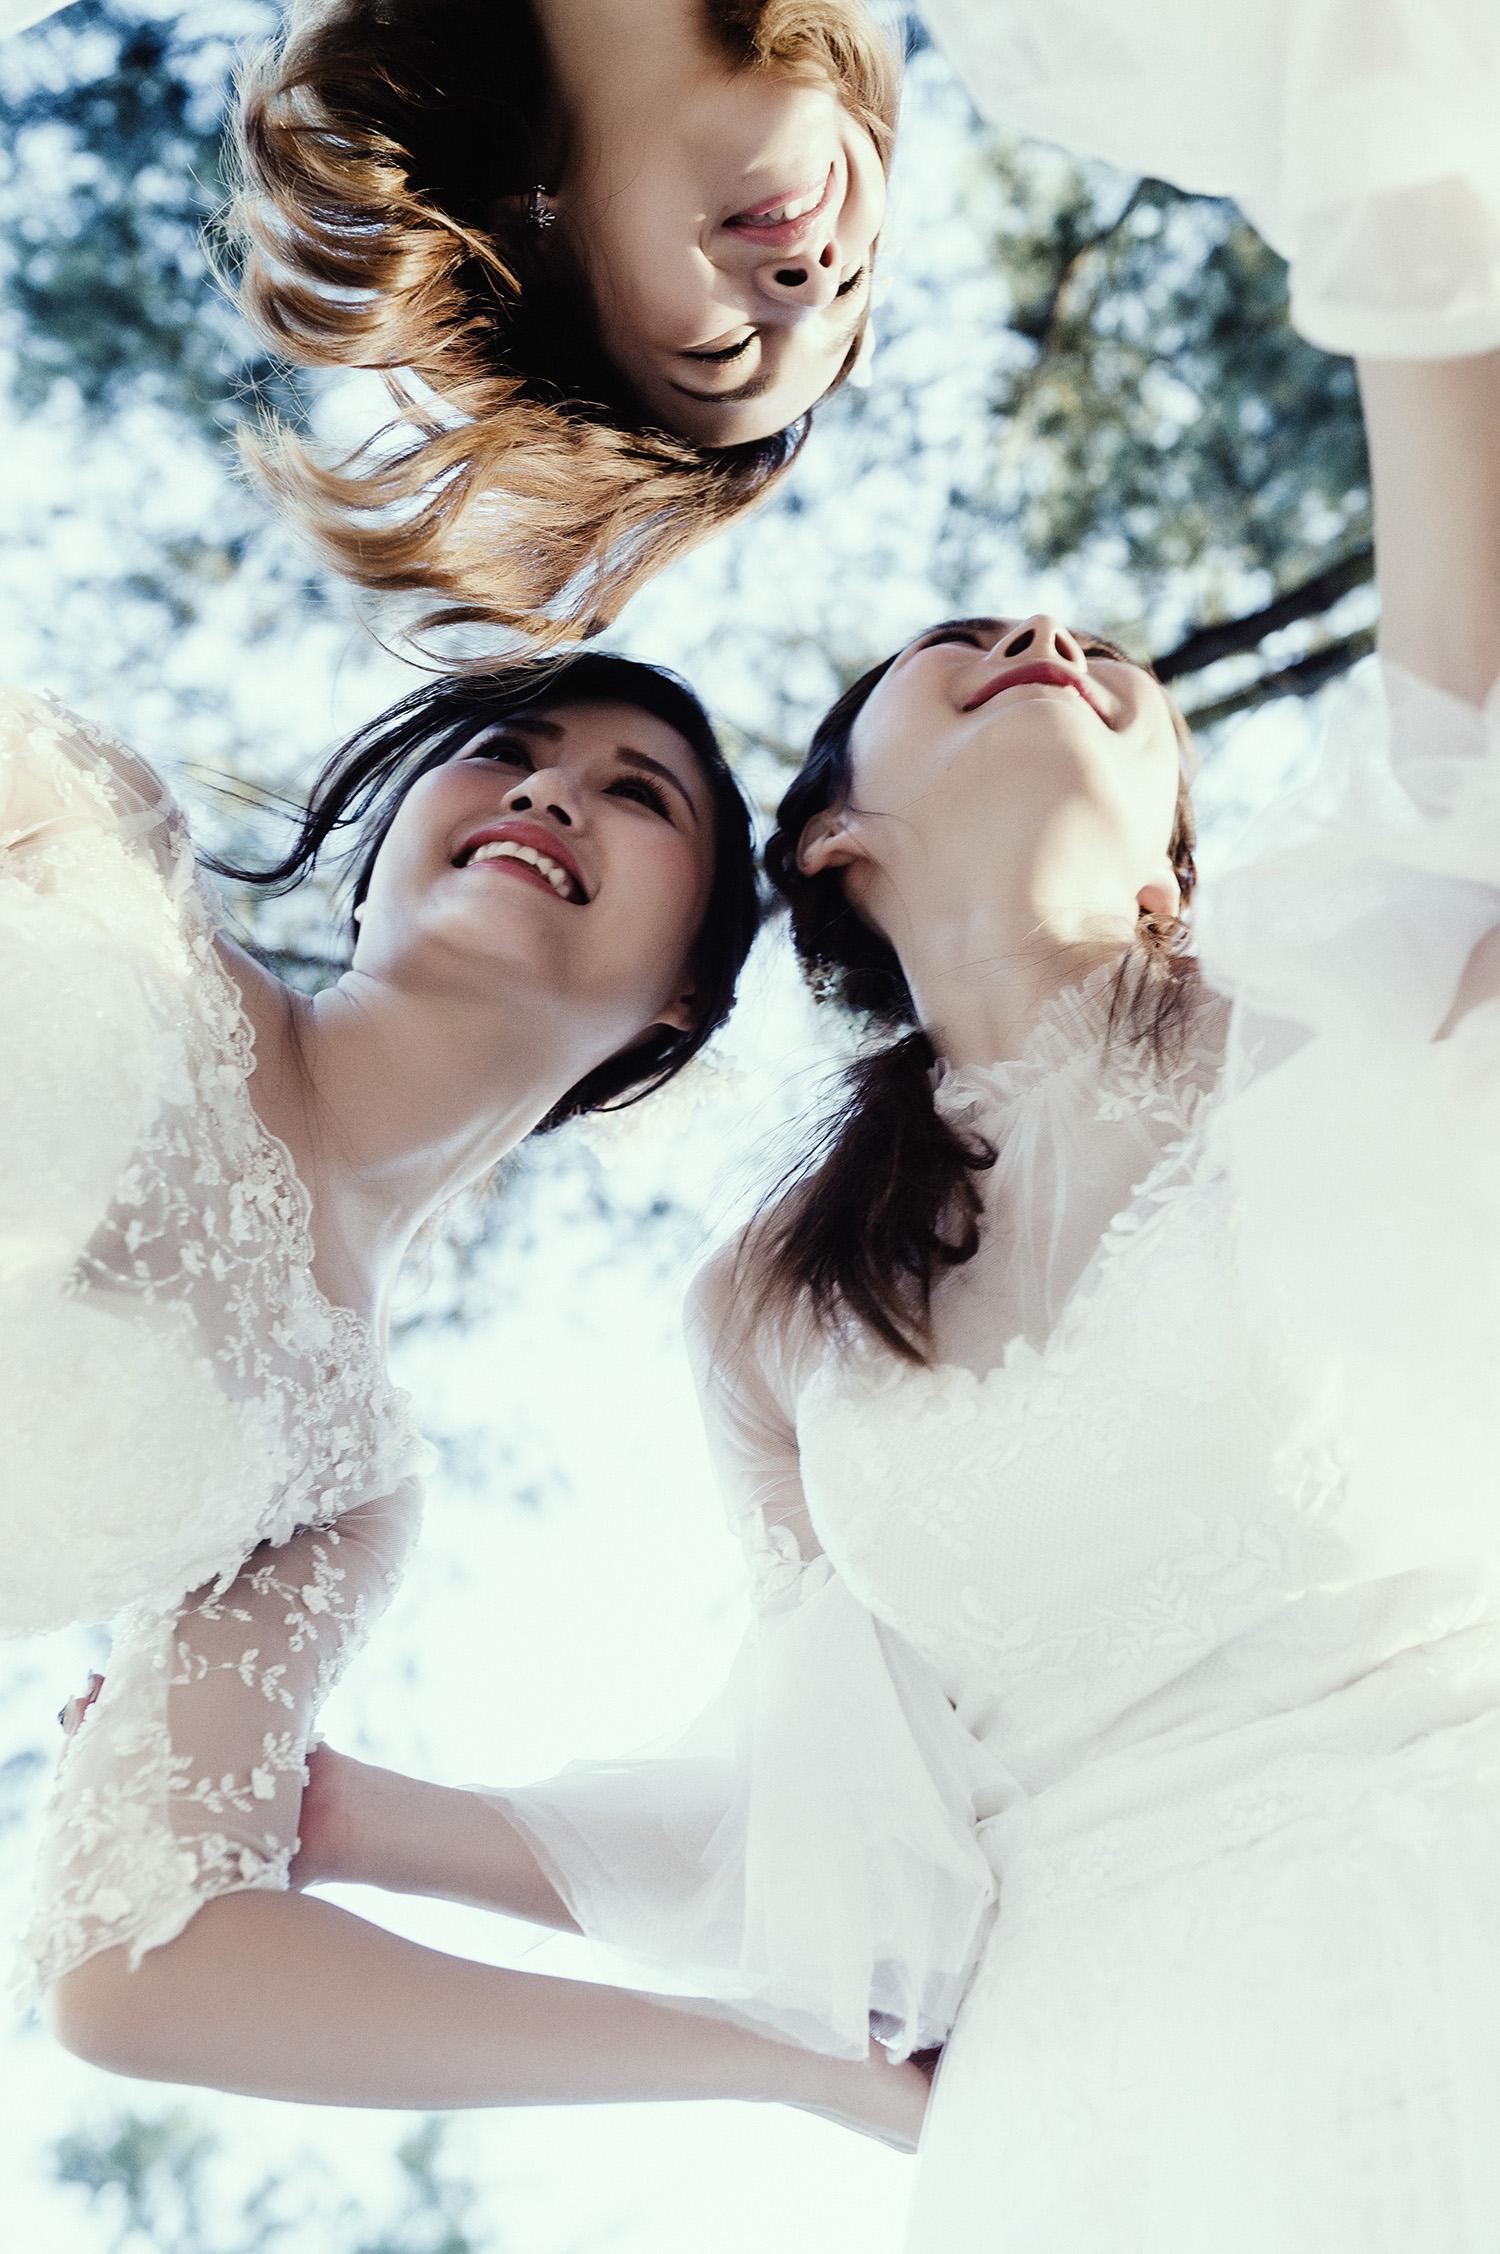 VVNFS團隊創作白紗新娘造型54